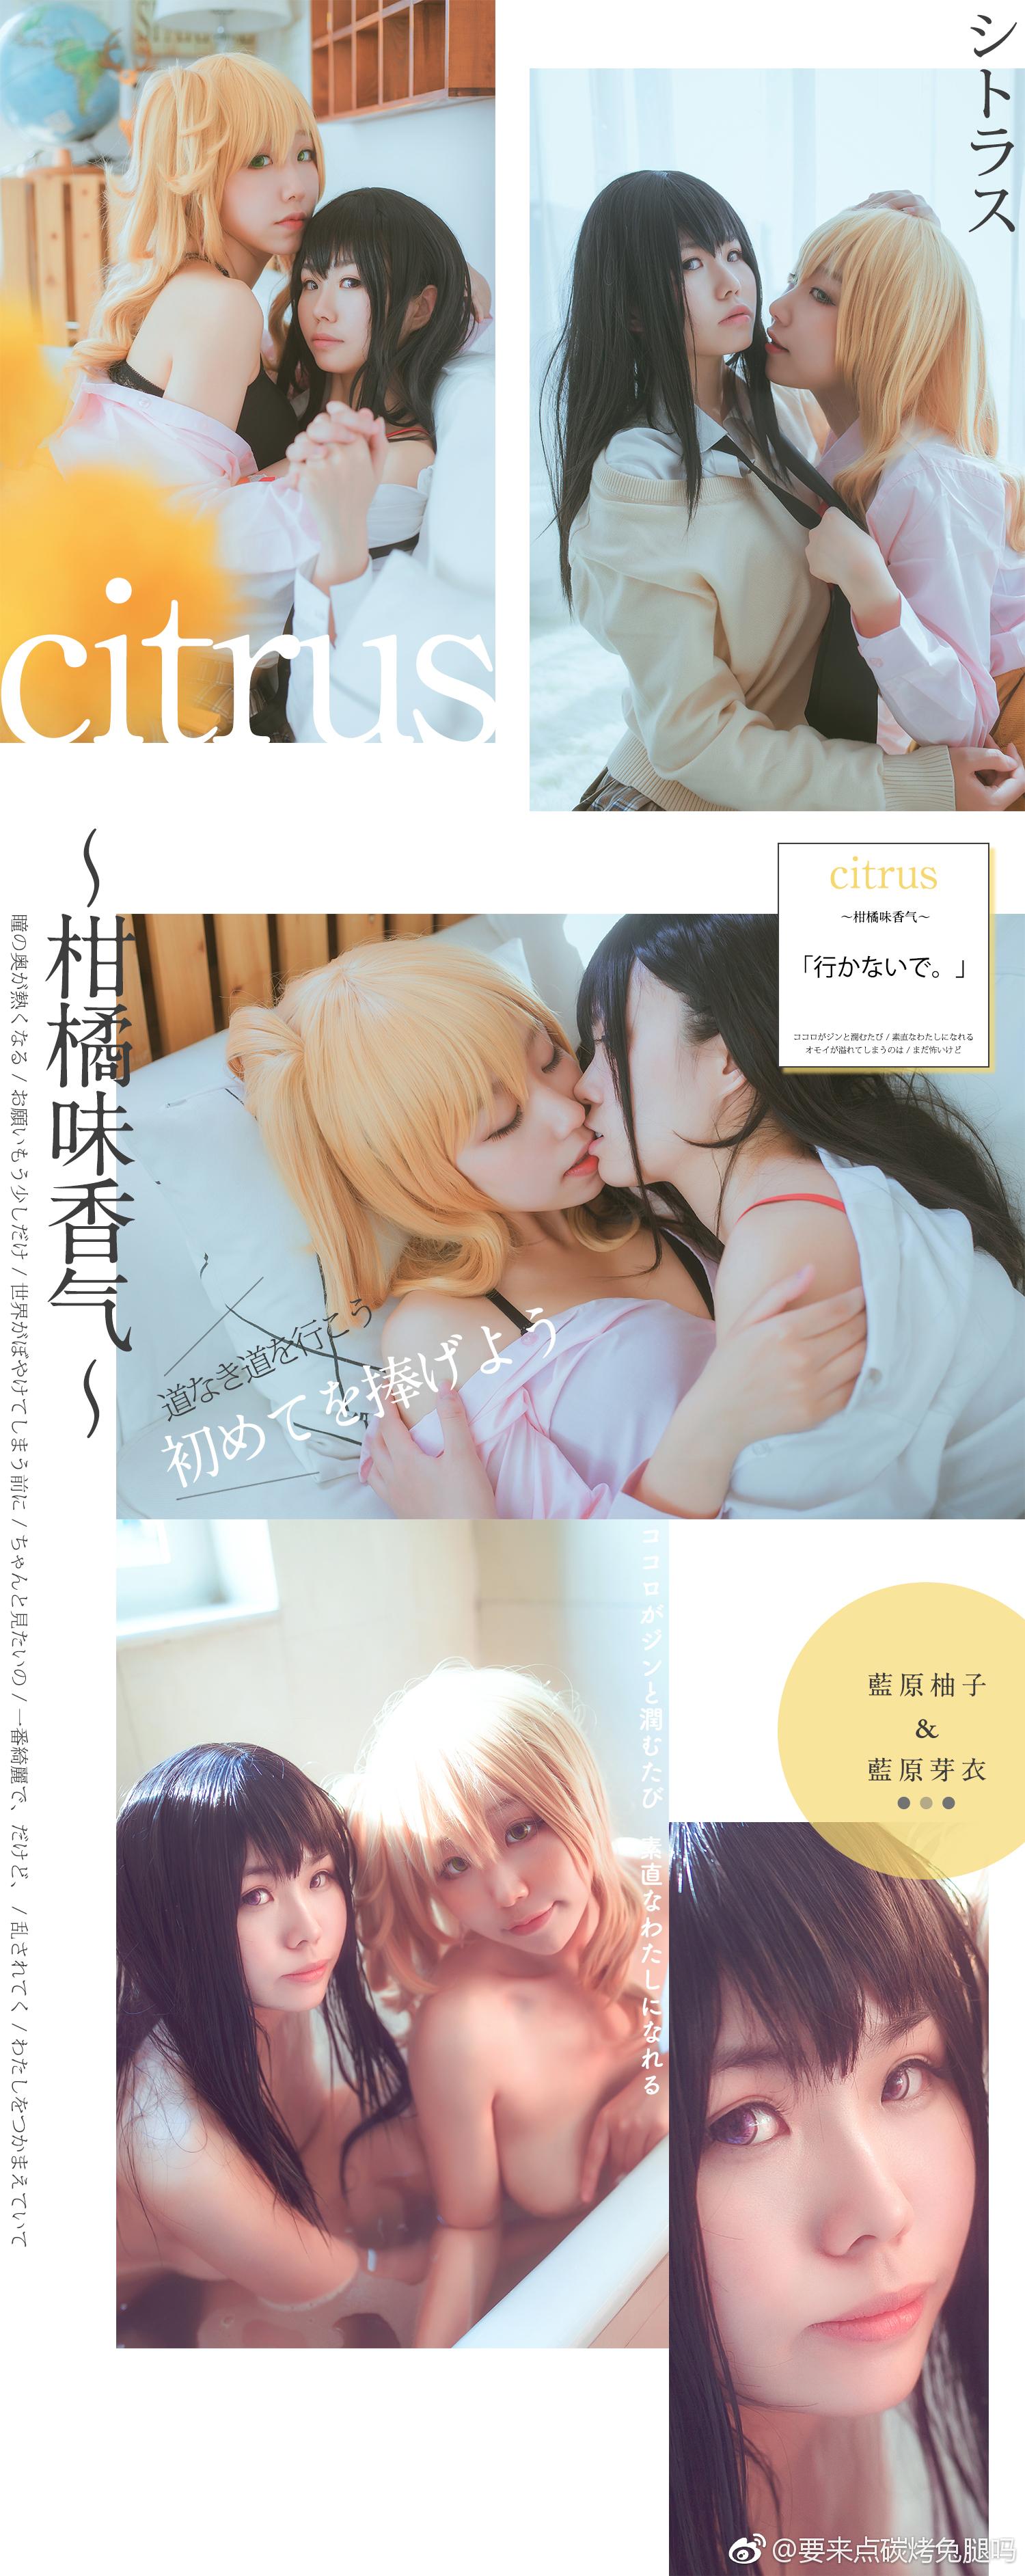 citrus蓝原芽衣&蓝原柚子cos(9P)